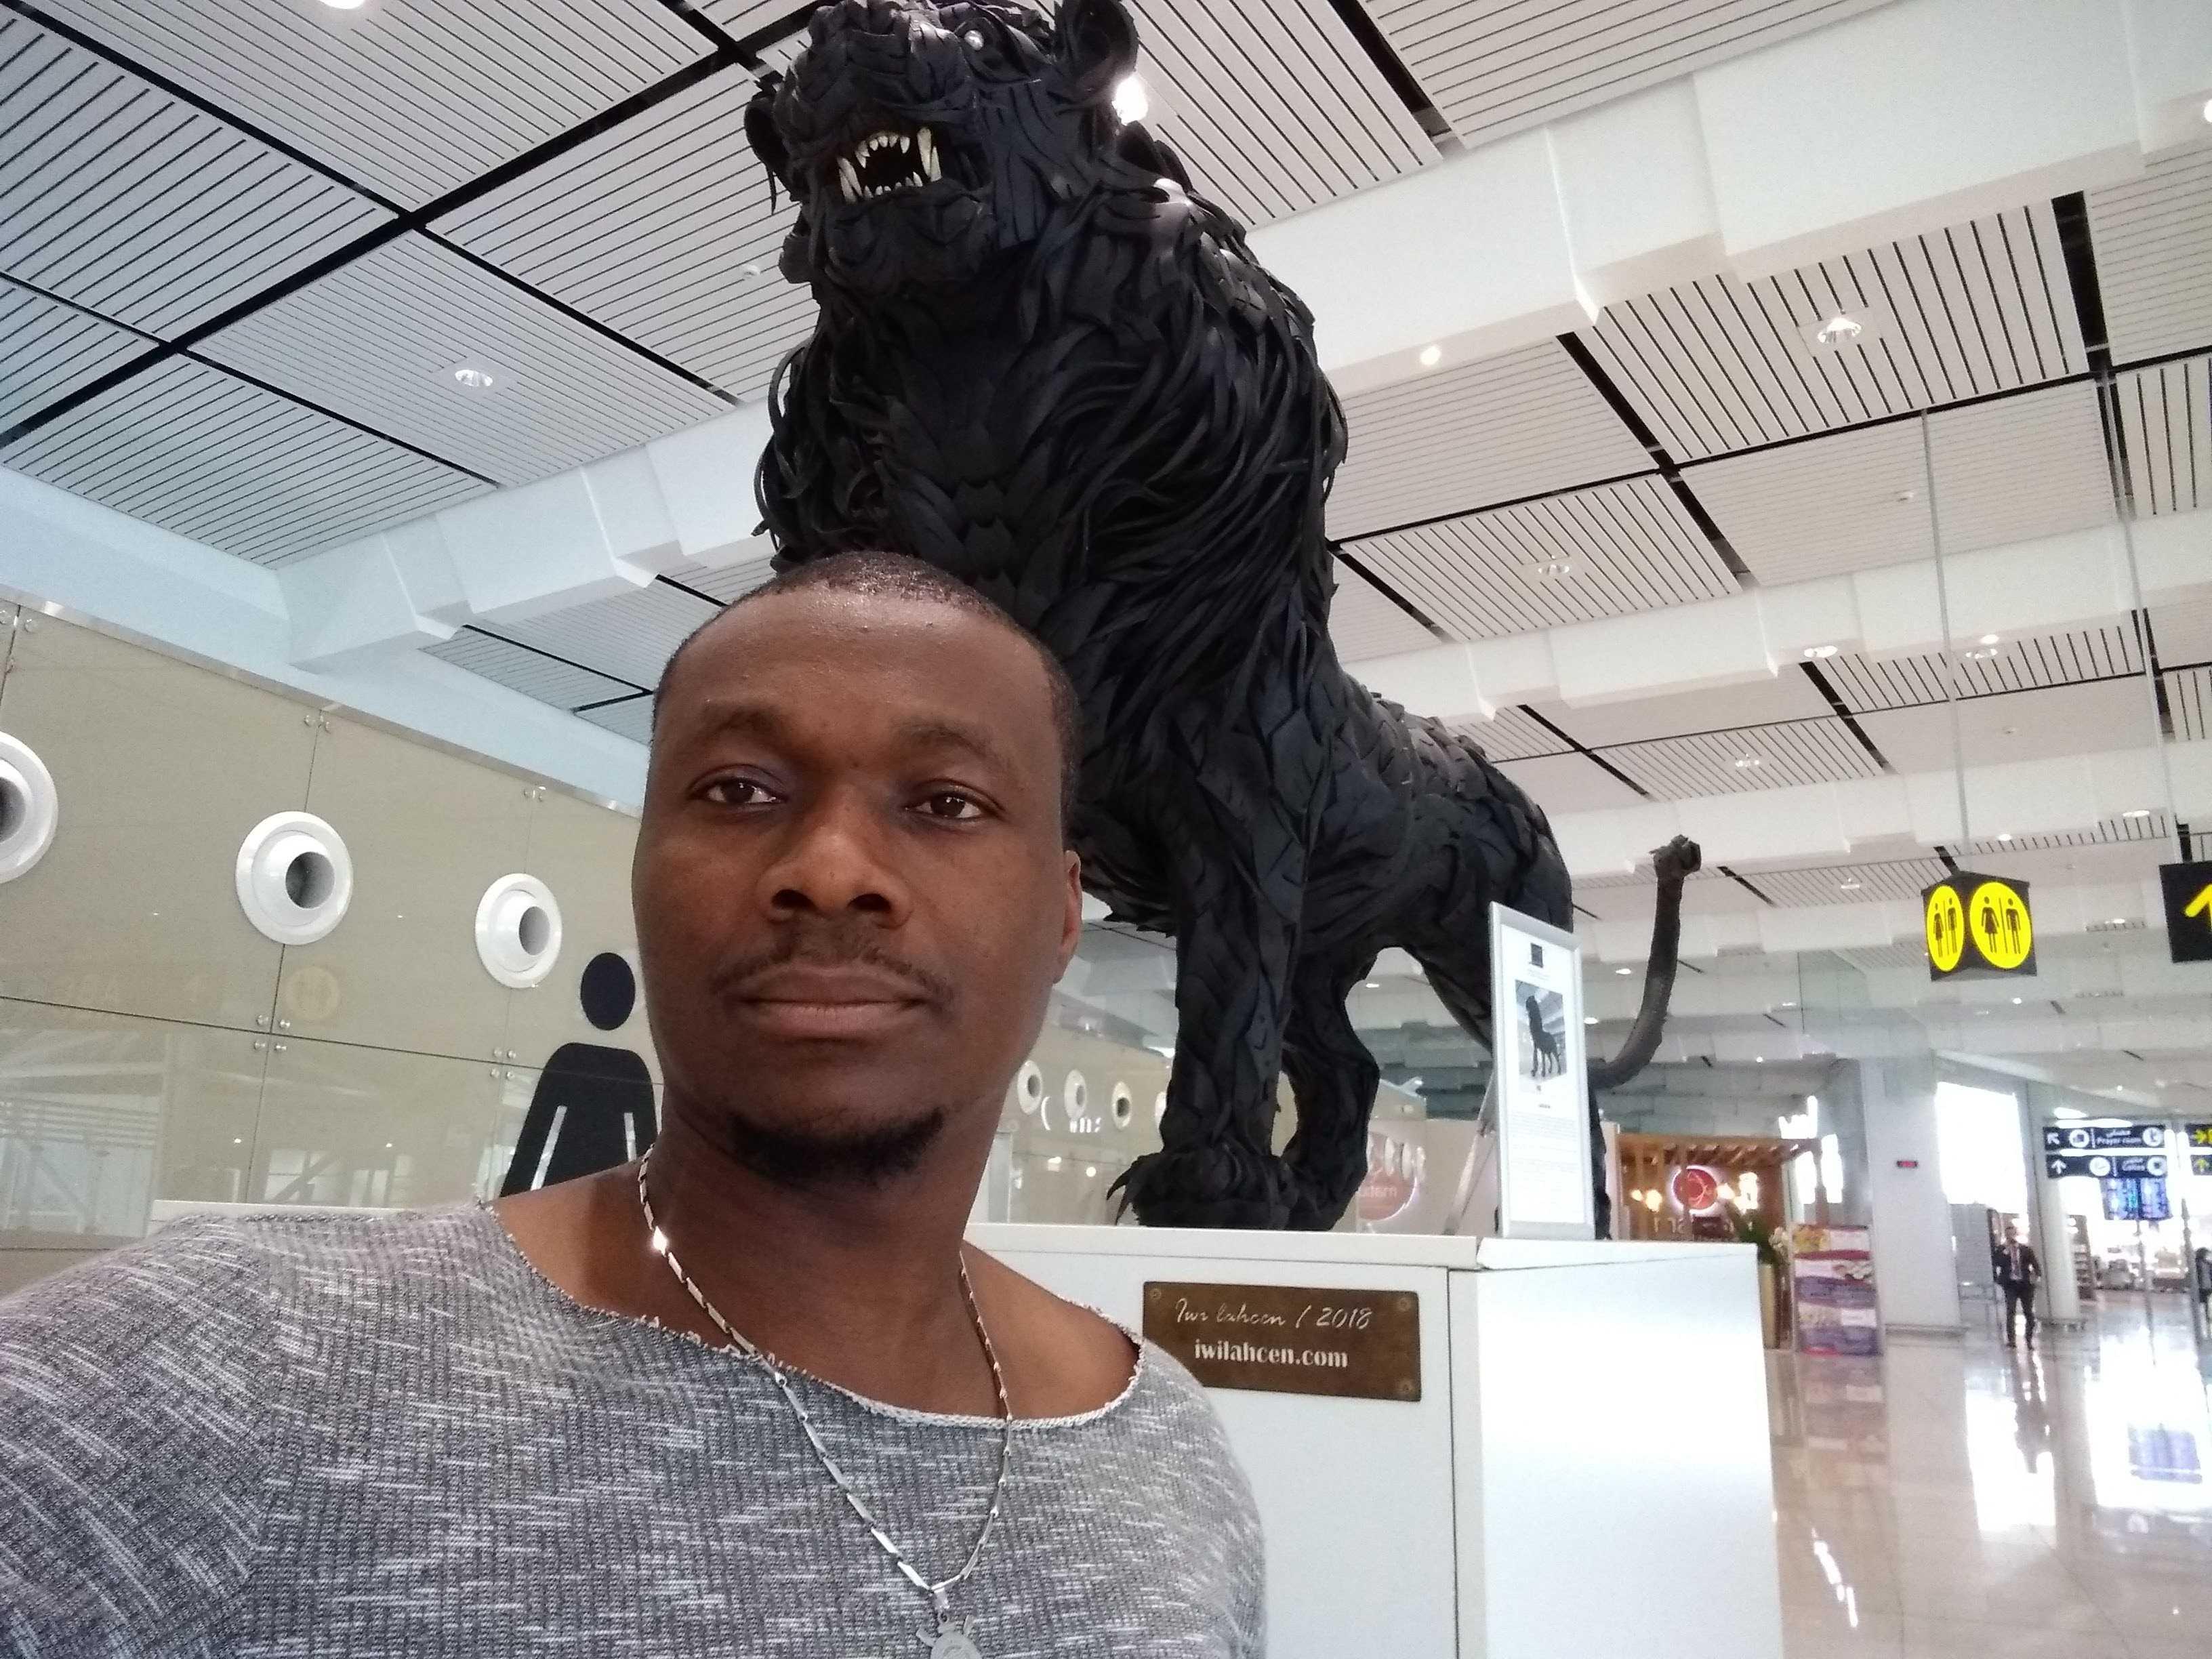 Lekwuwa Okorie